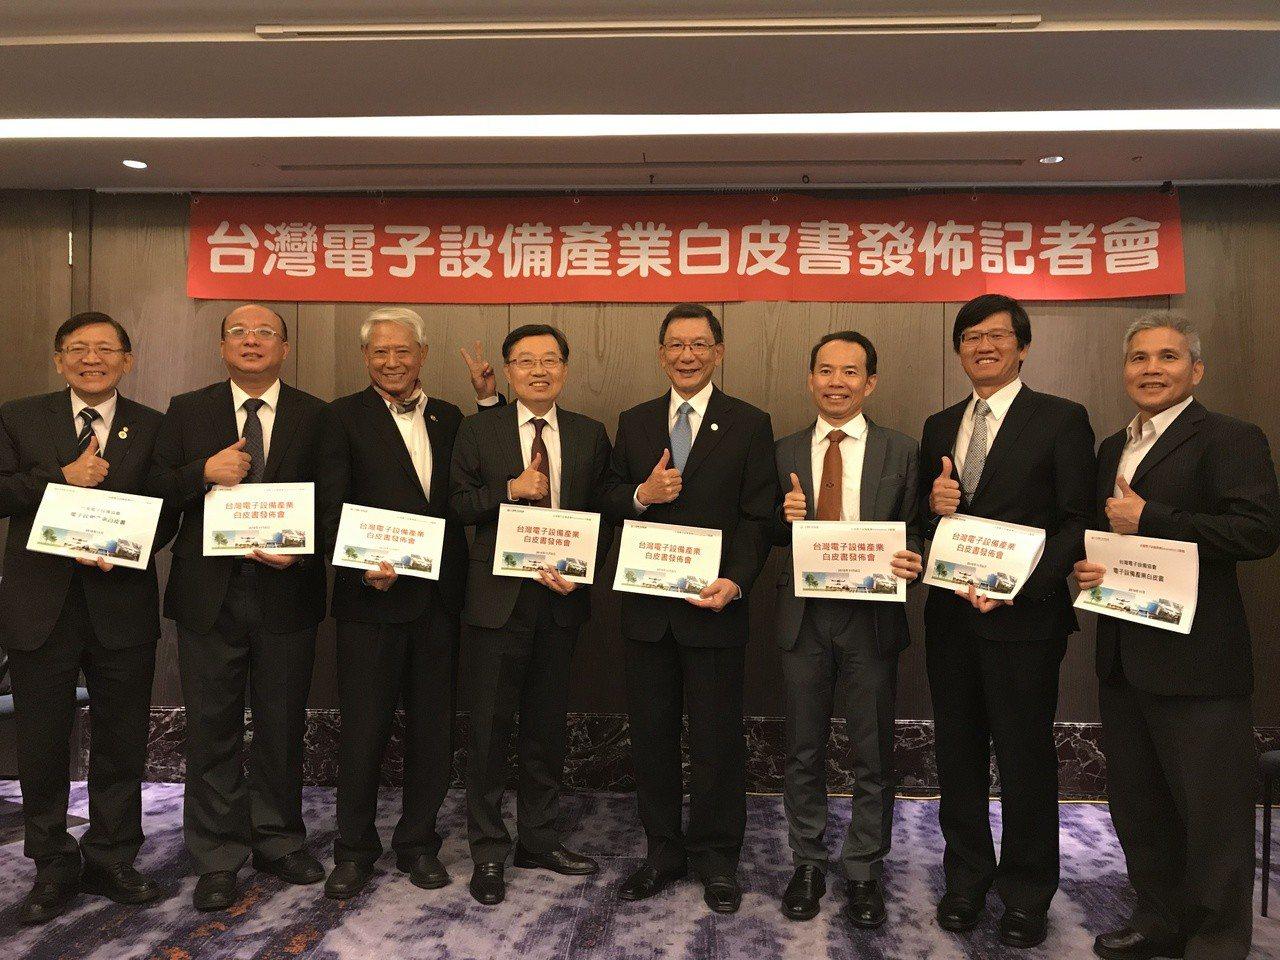 台灣電子設備協會今發布白皮書,向政府提出建言。記得李珣瑛/攝影